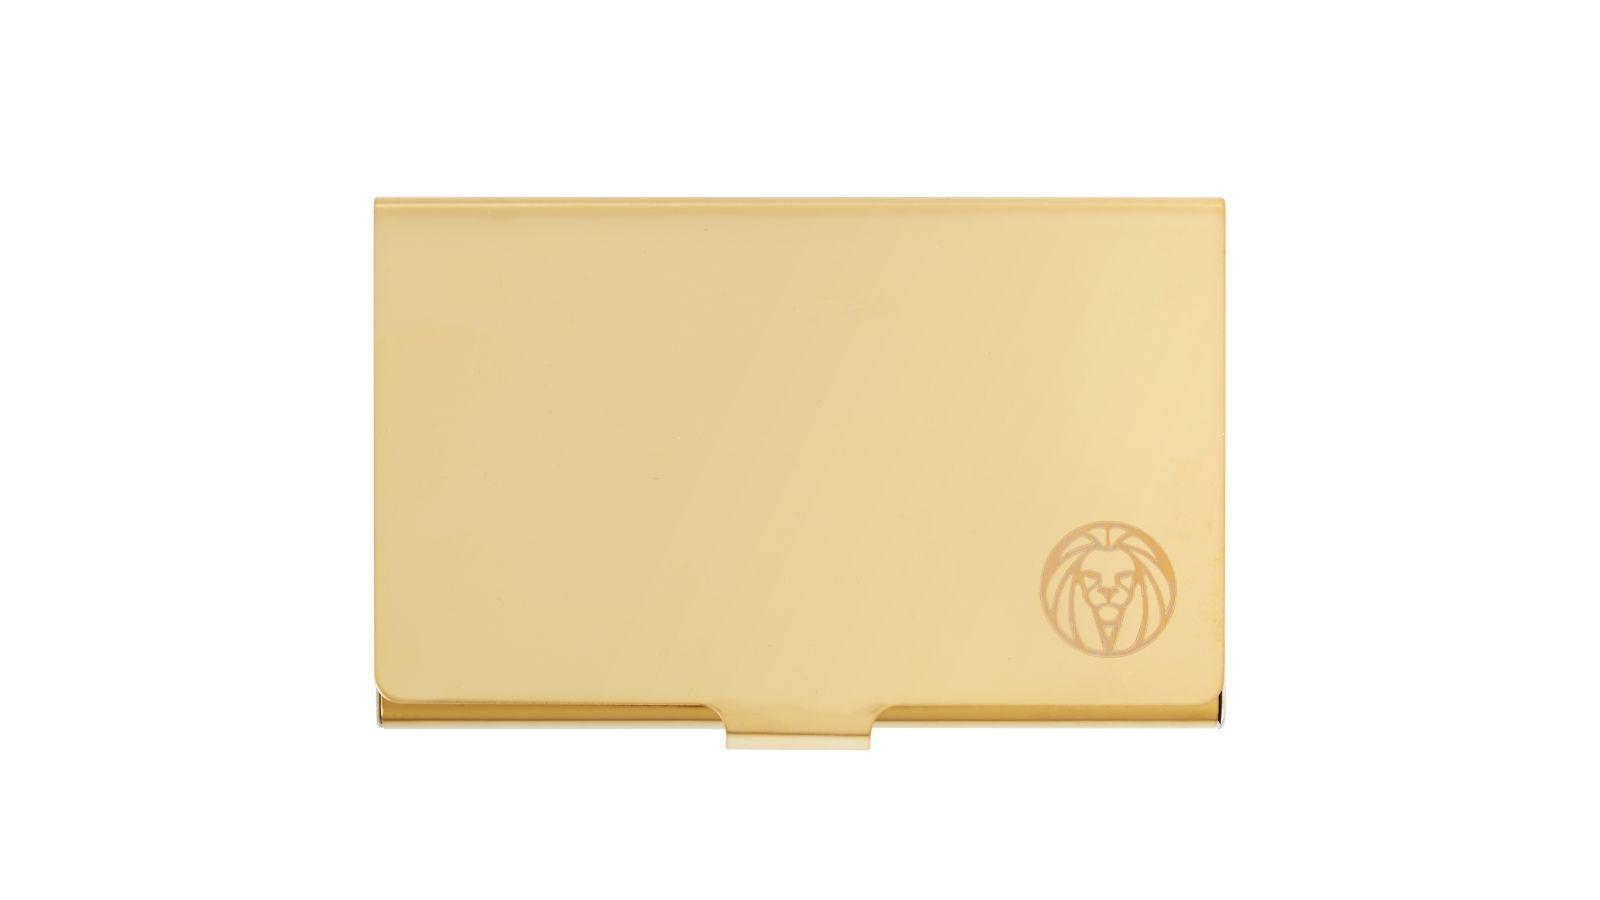 Golden Steel Cardholder | Lucleon | In stock!